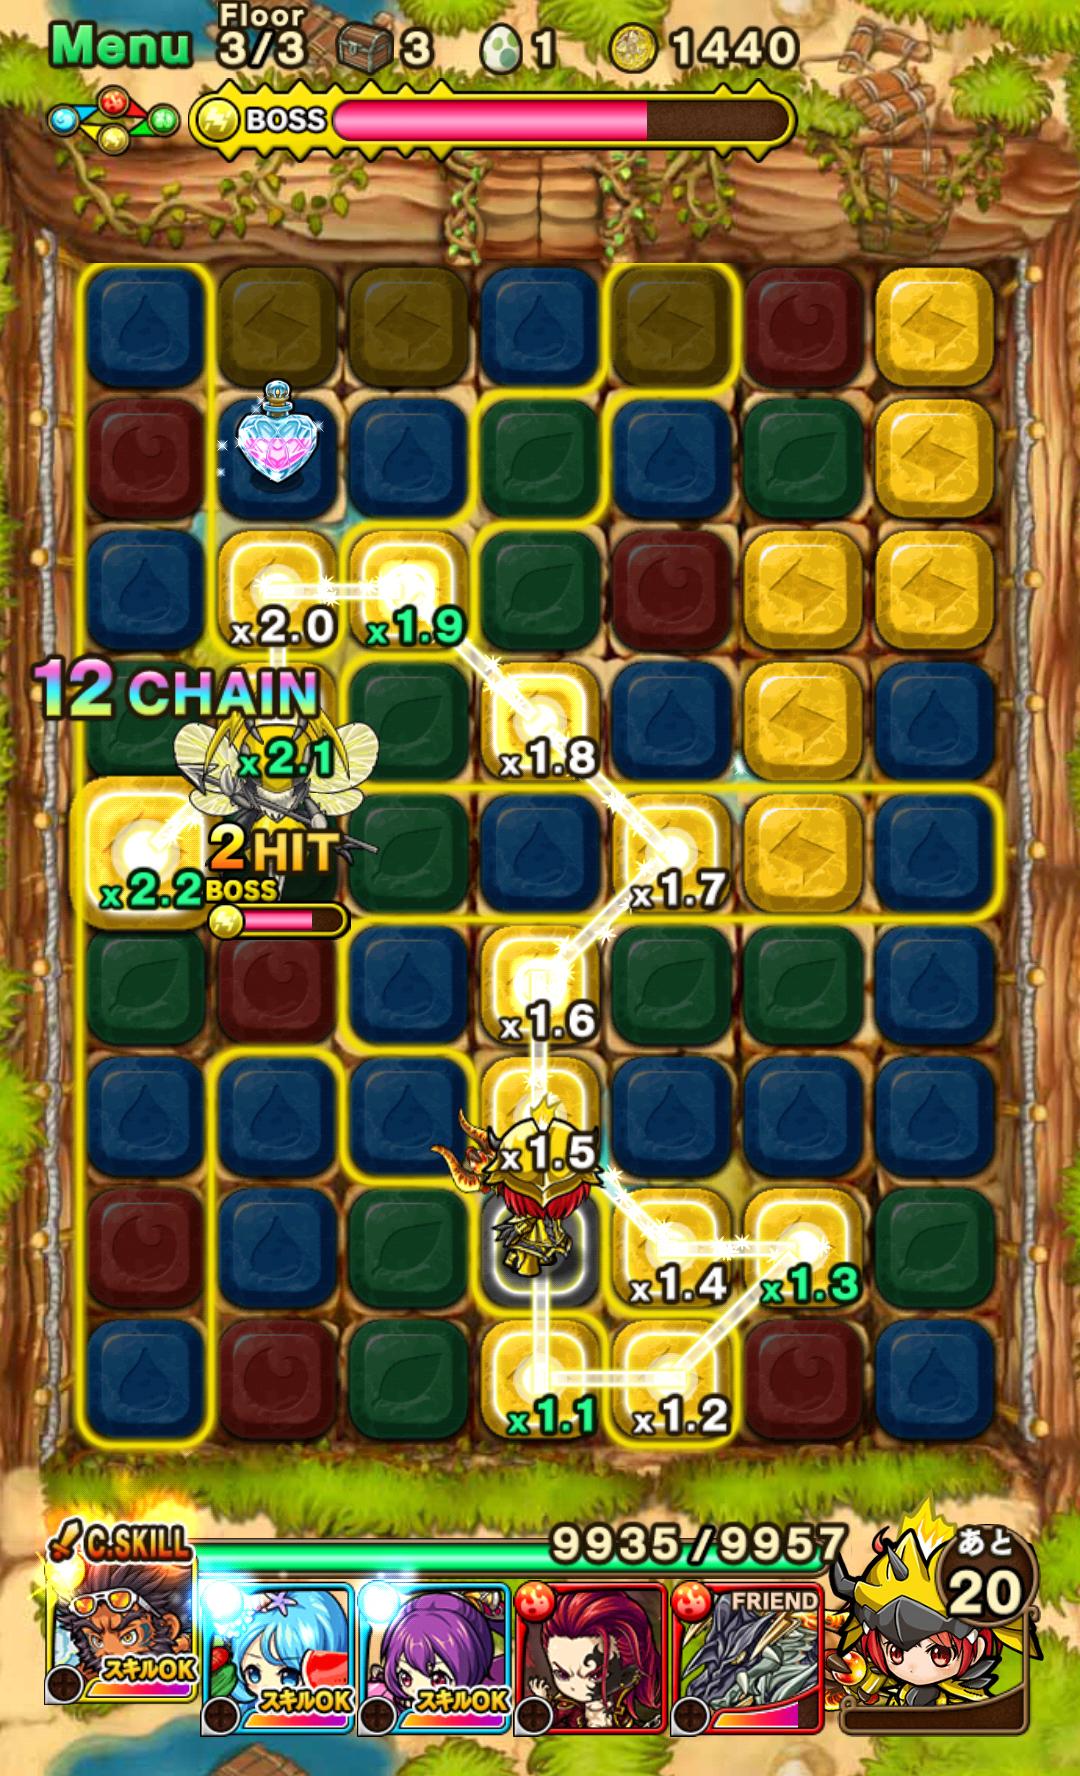 ポコロンダンジョンズ(ポコダン) プレイヤーの戦略が求められる『なぞりパズル』